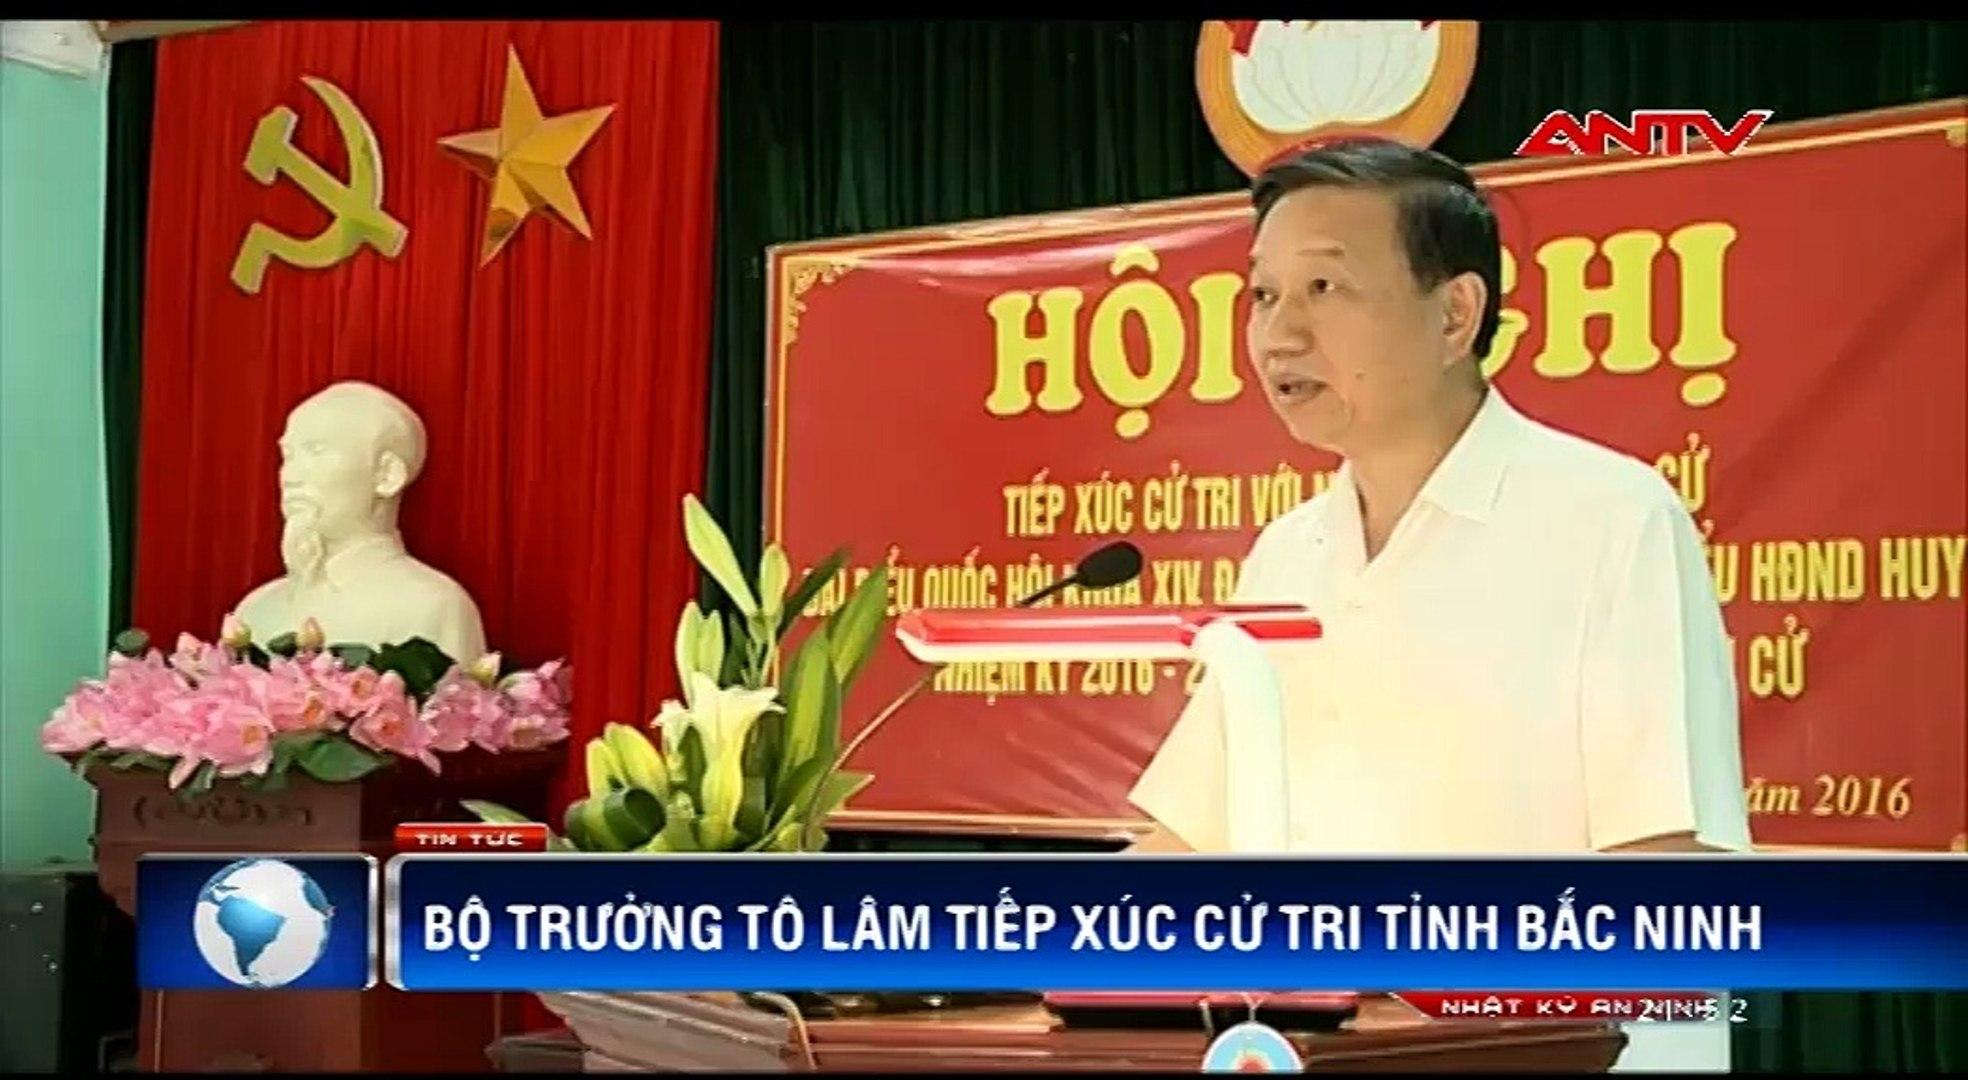 Bộ trưởng Tô Lâm vận động bầu cử tại Bắc Ninh